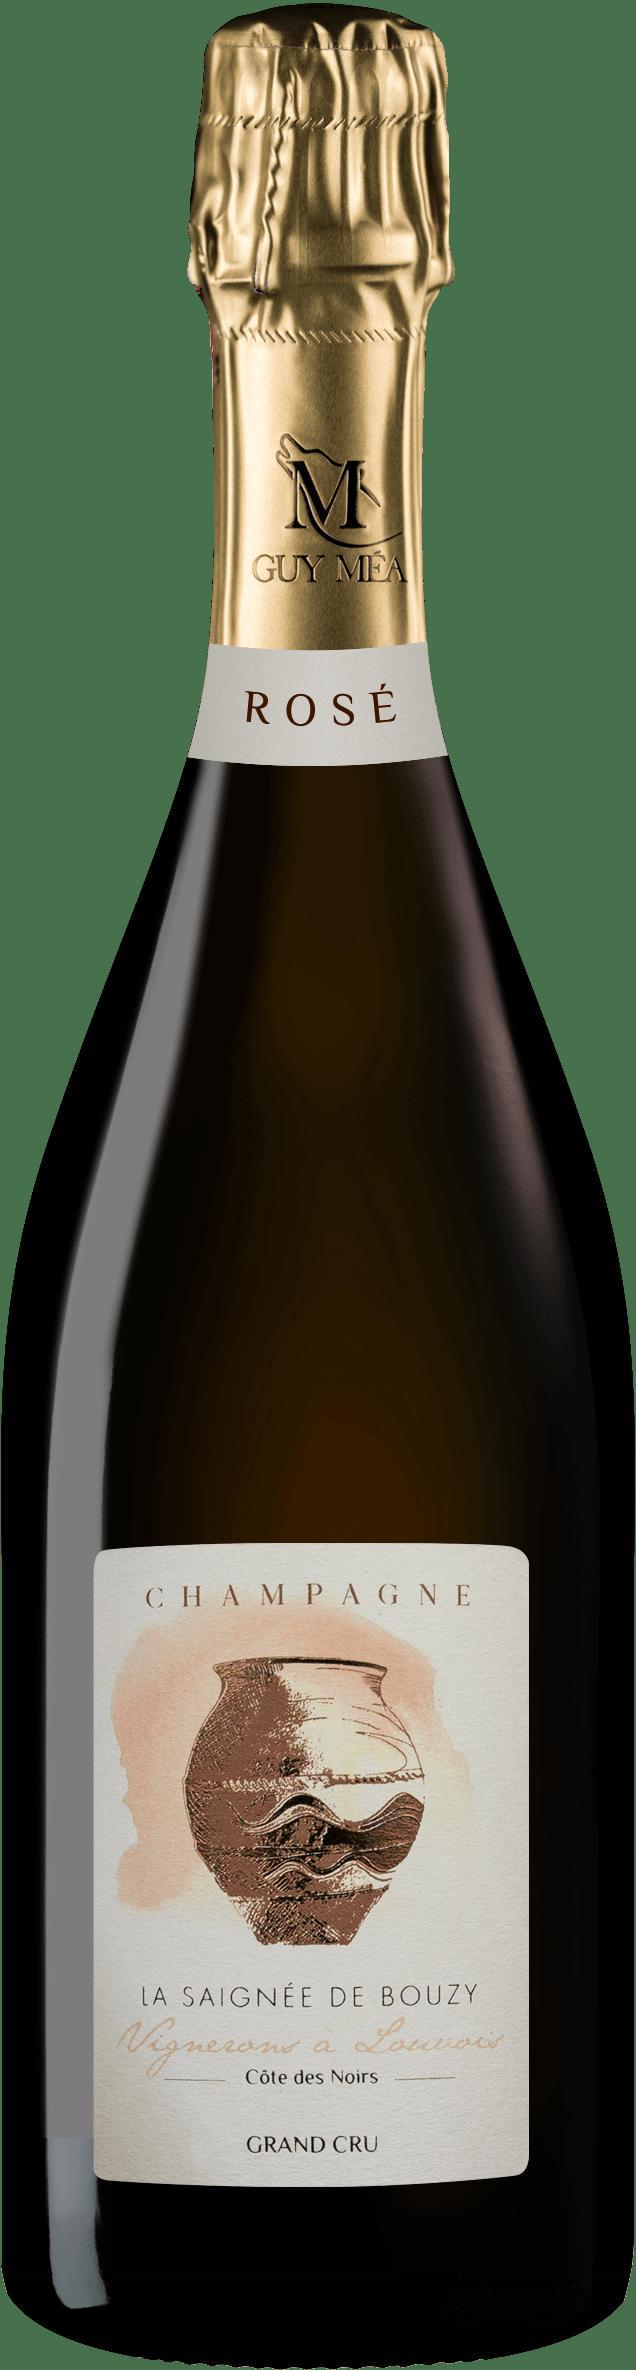 La Saignée de Bouzy - Champagne Guy Mea